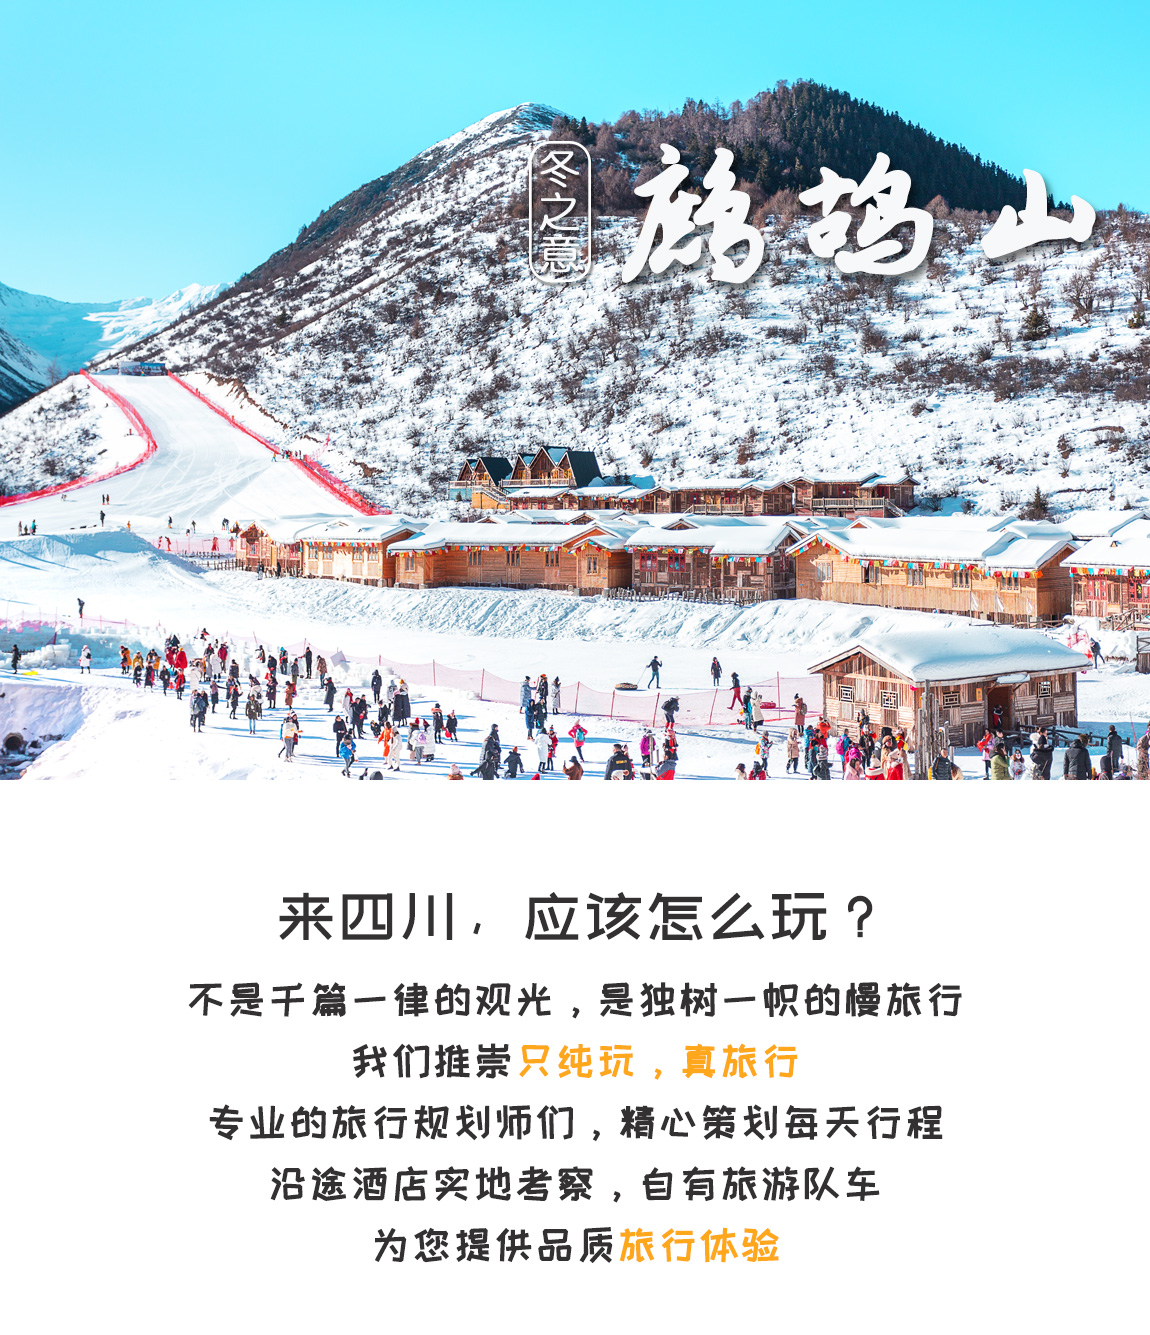 九寨沟+鹧鸪山拼车4天 (1)